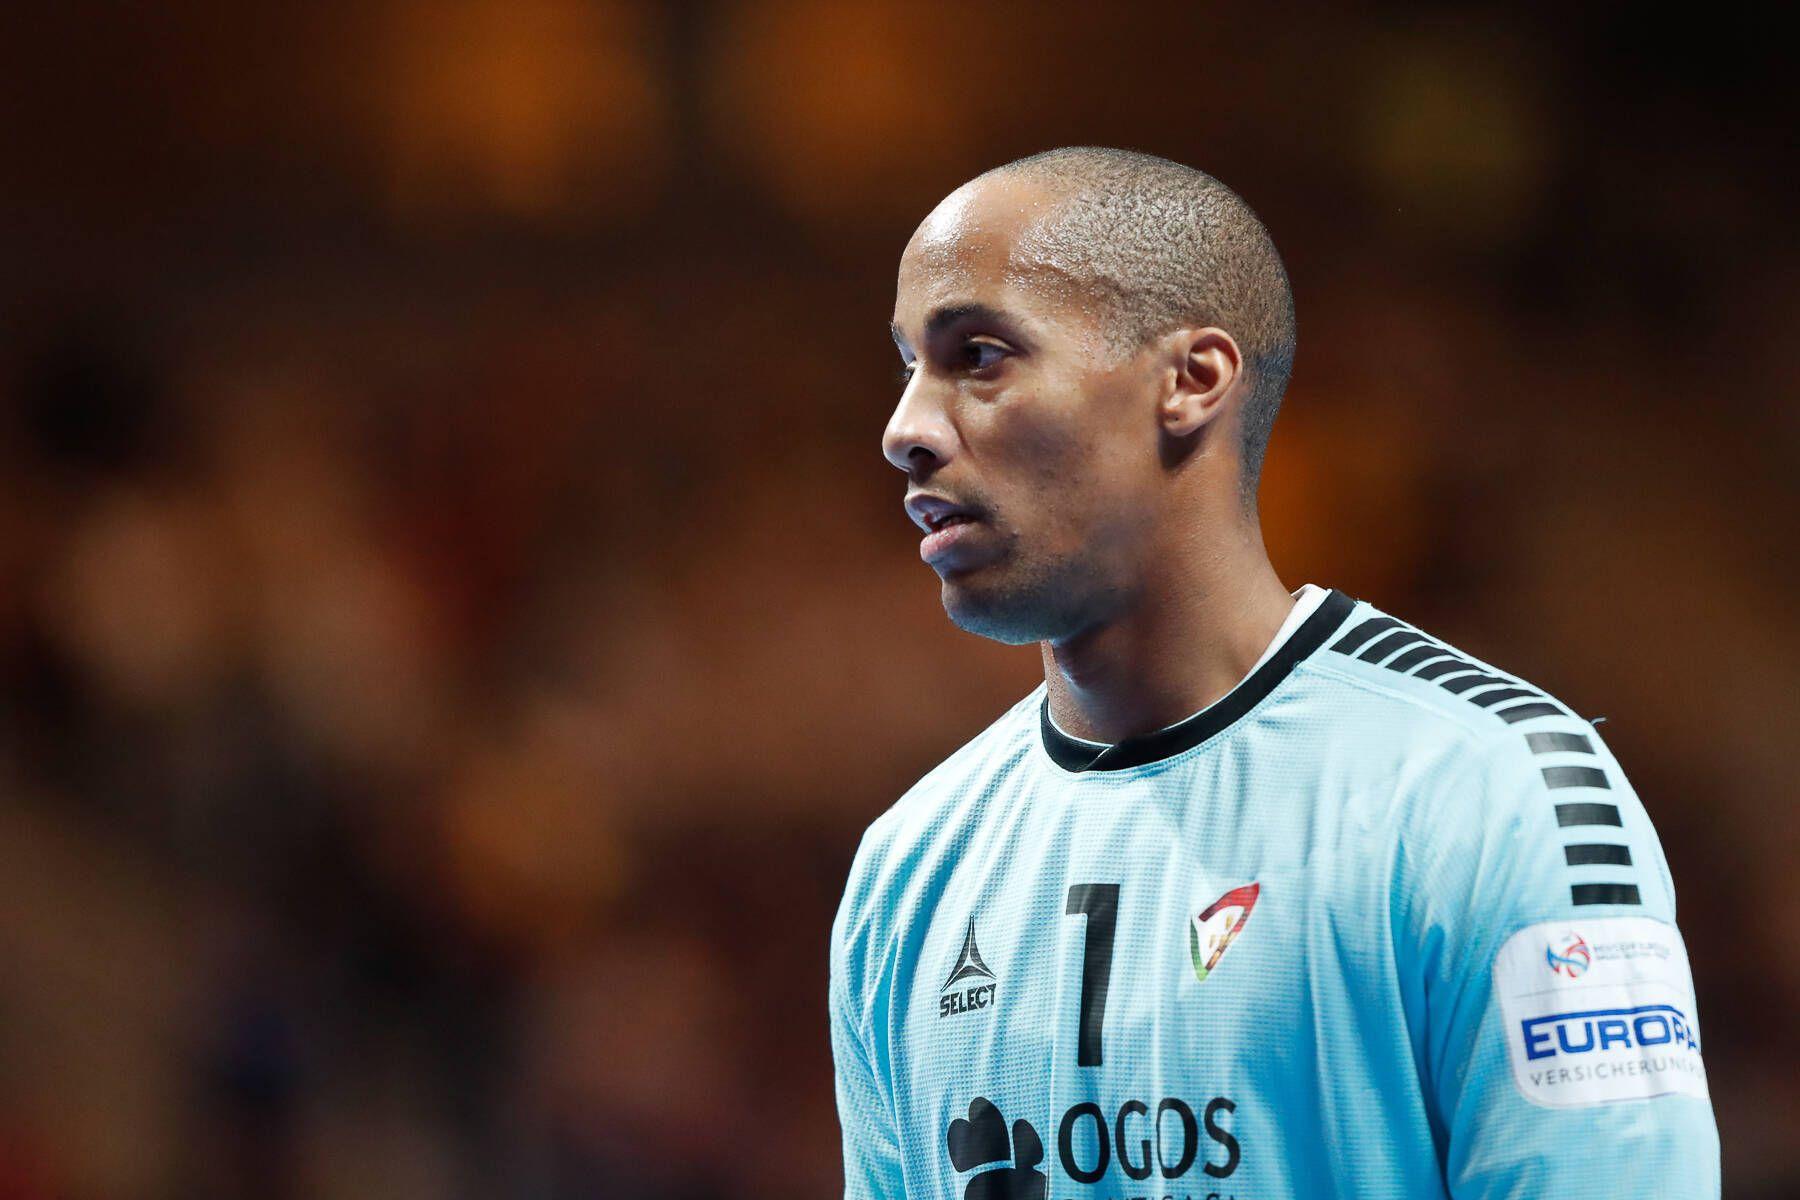 Голкипер сборной Португалии по гандболу скончался после остановки сердца